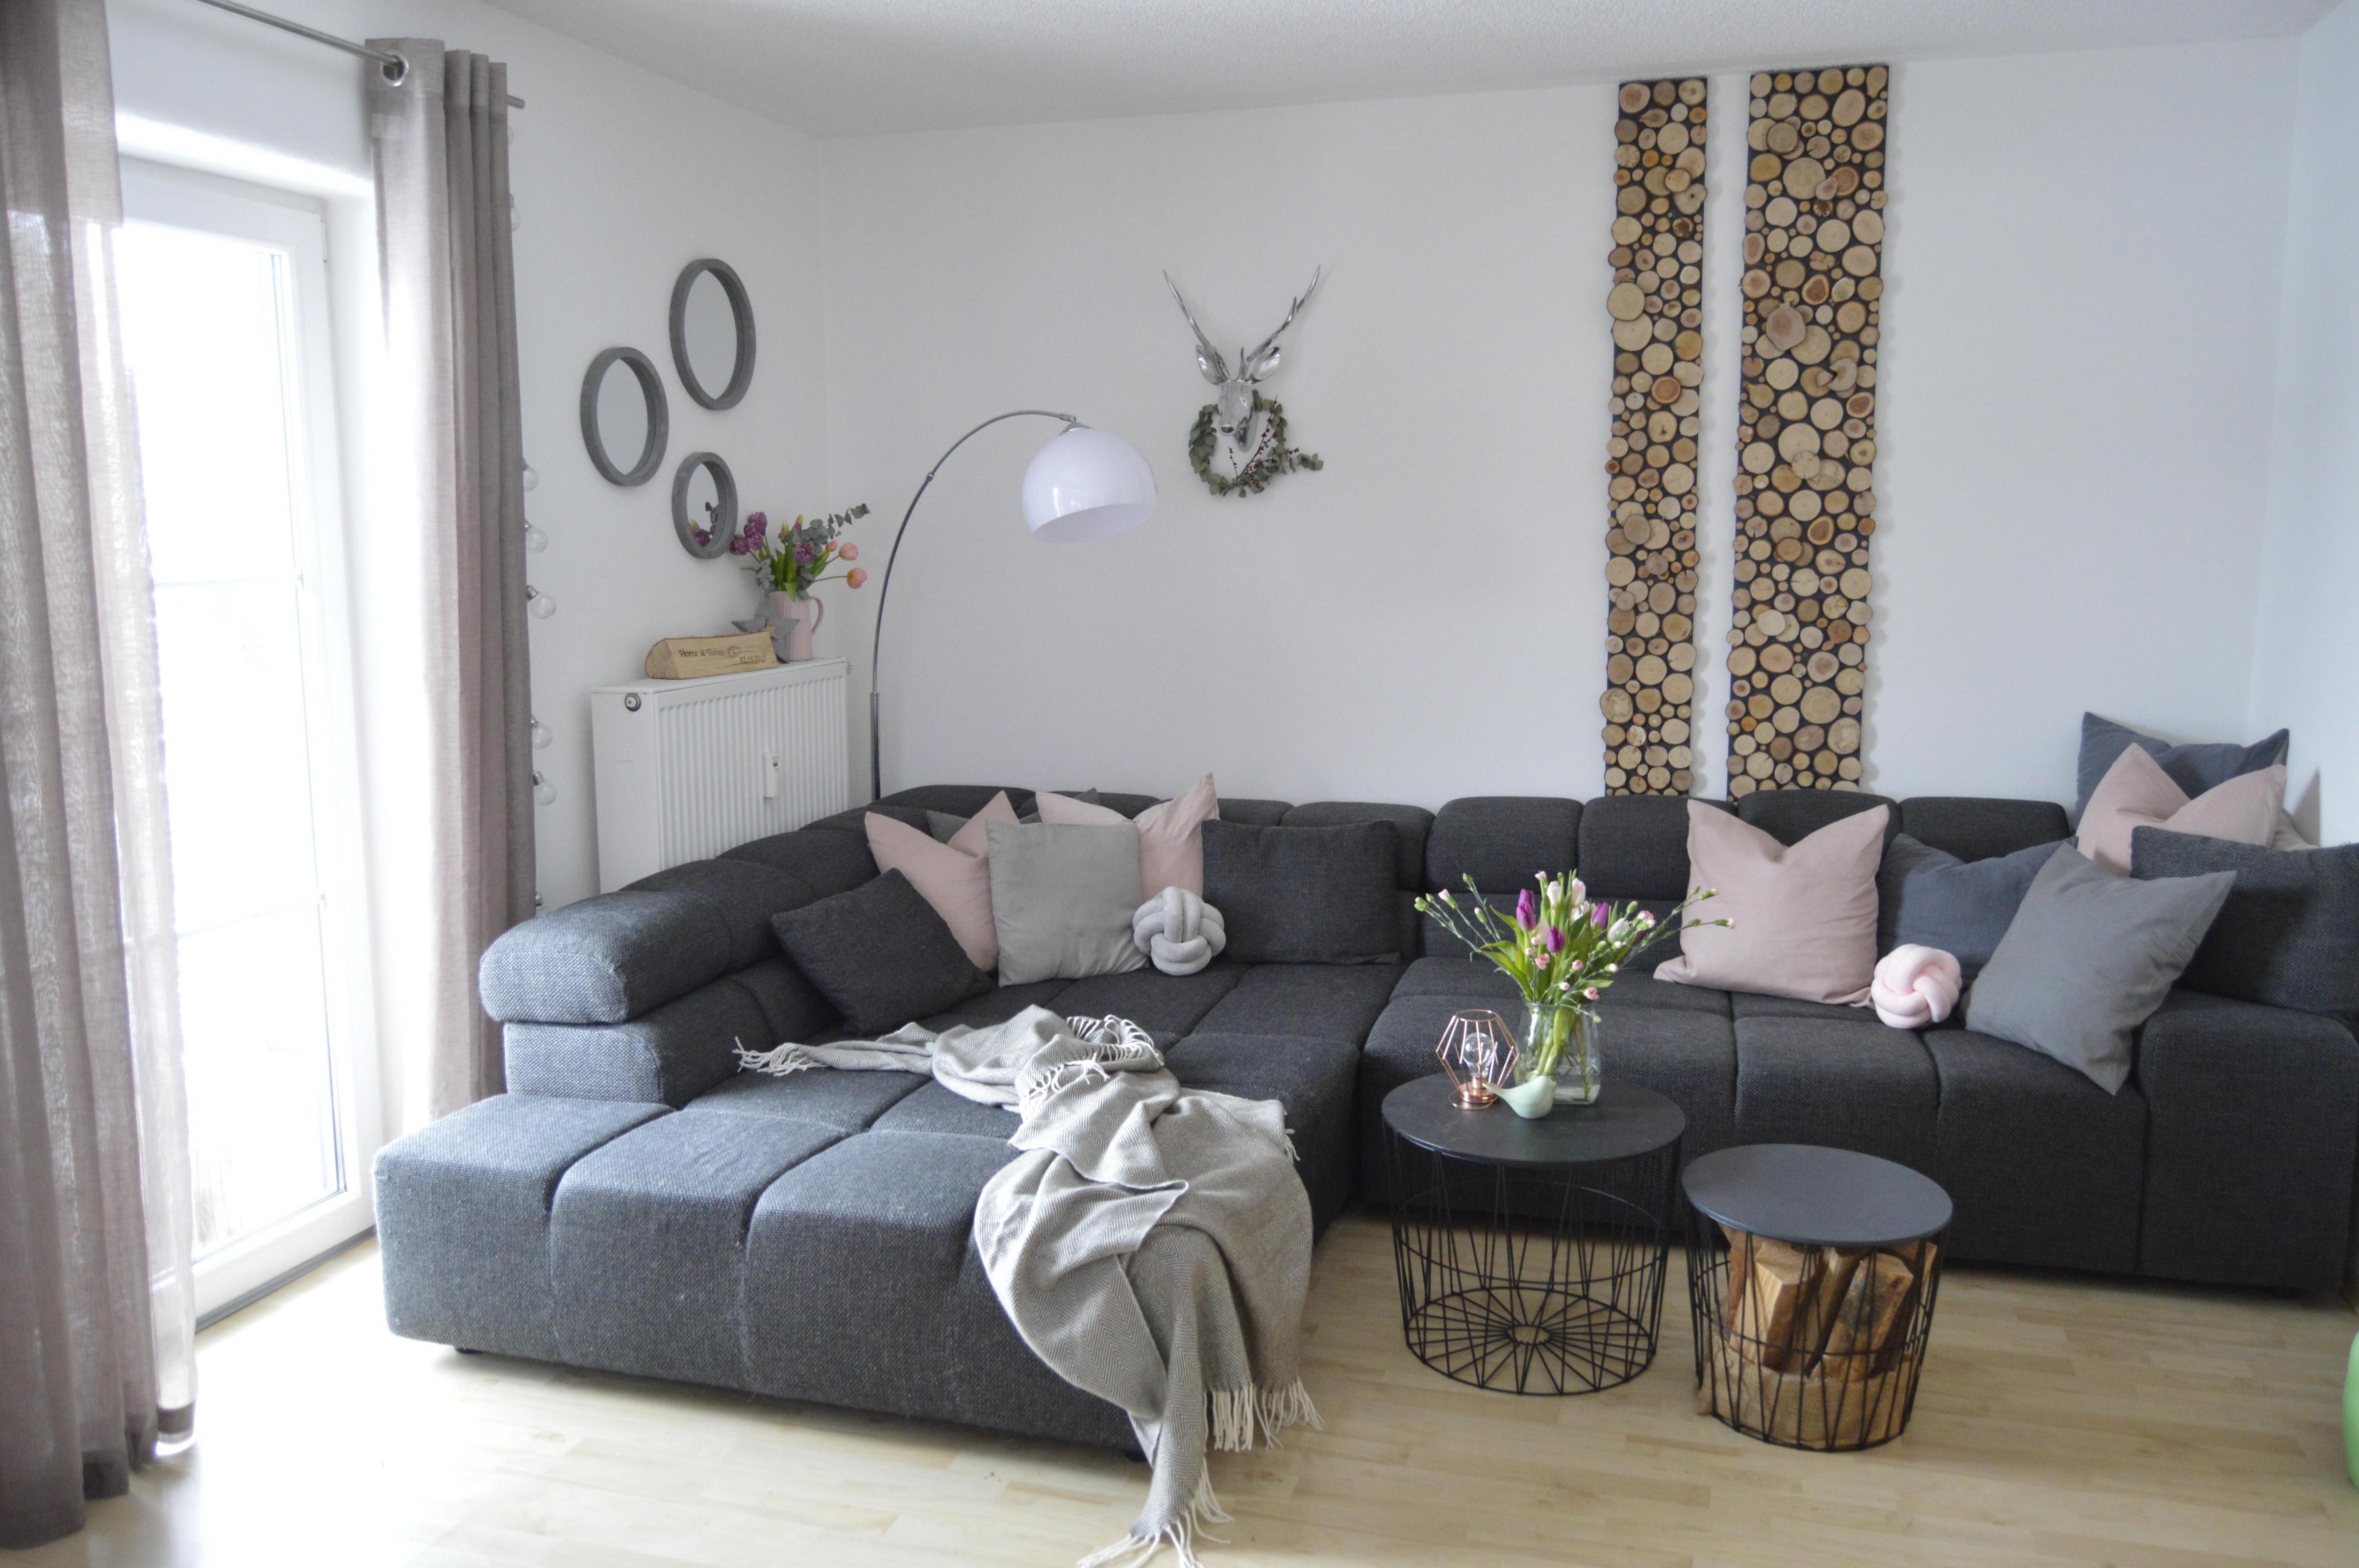 Holzwand Finde Gemütliche Ideen Mit Charme Bei Couch von Holz Deko Wand Wohnzimmer Bild